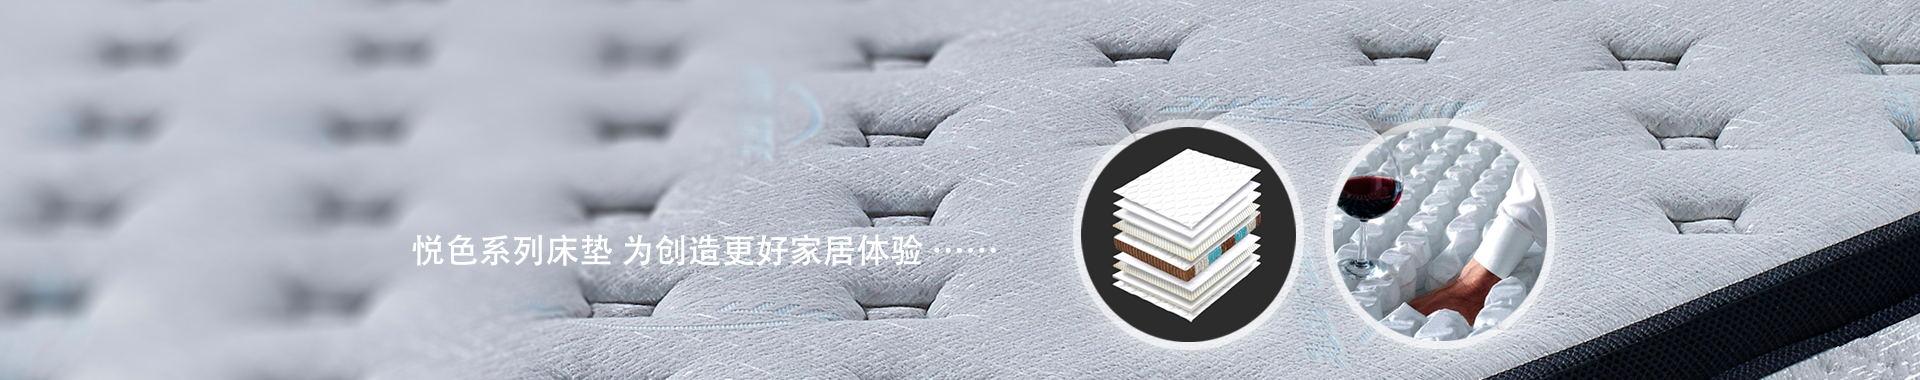 DOTON軟體家具-悅色床墊